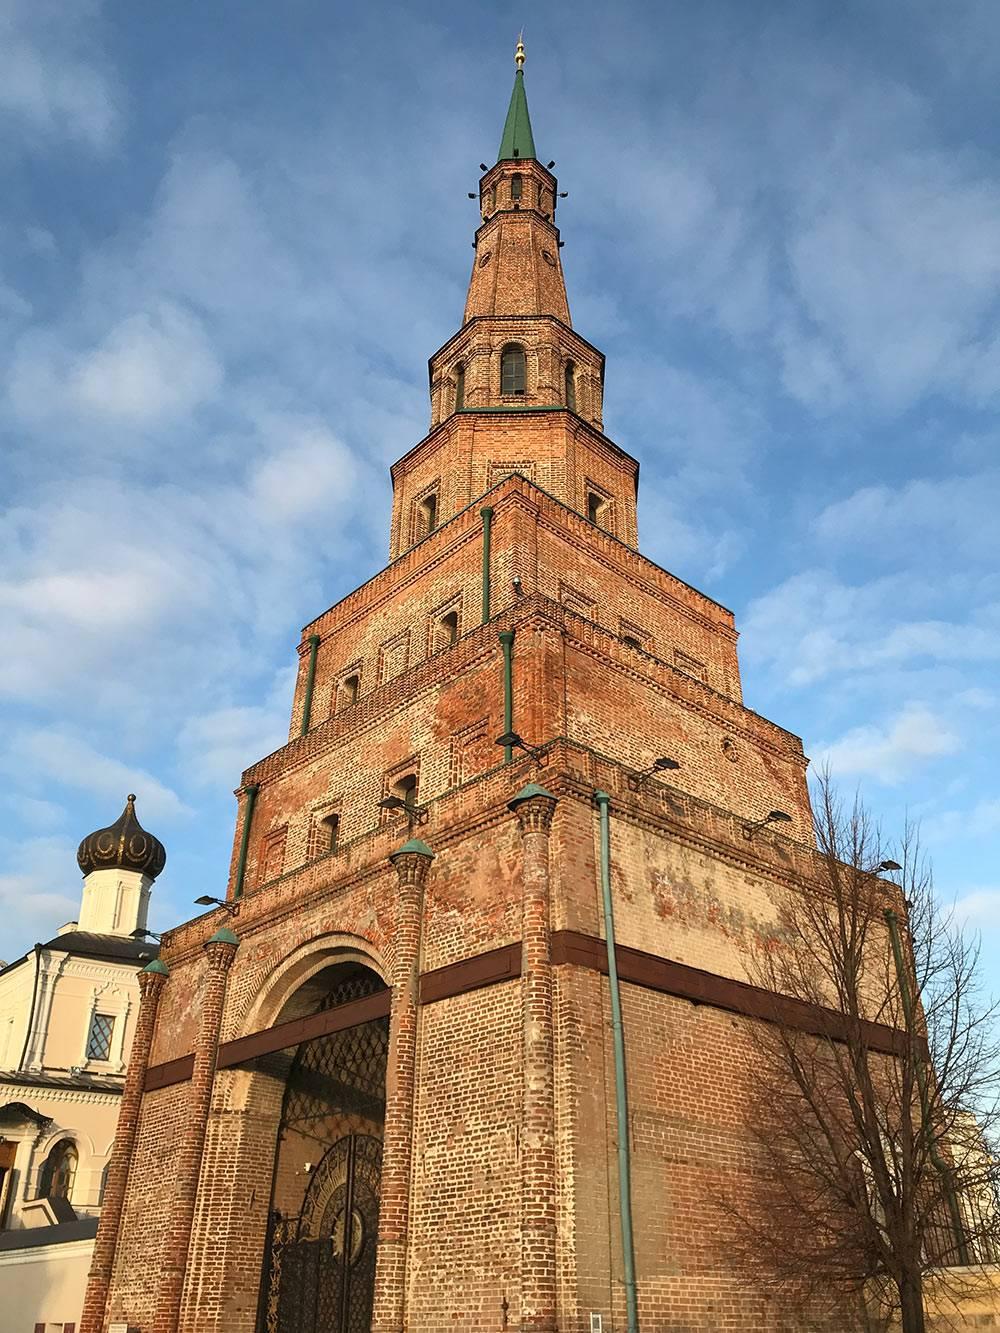 Башня Сююмбике в кремле состоит из семи ярусов и названа в честь единственной женщины — правительницы Казанского ханства Сююк. Башня считается падающей: отклонение шпиля по вертикали составляет 2 метра. Внутрь не пускают